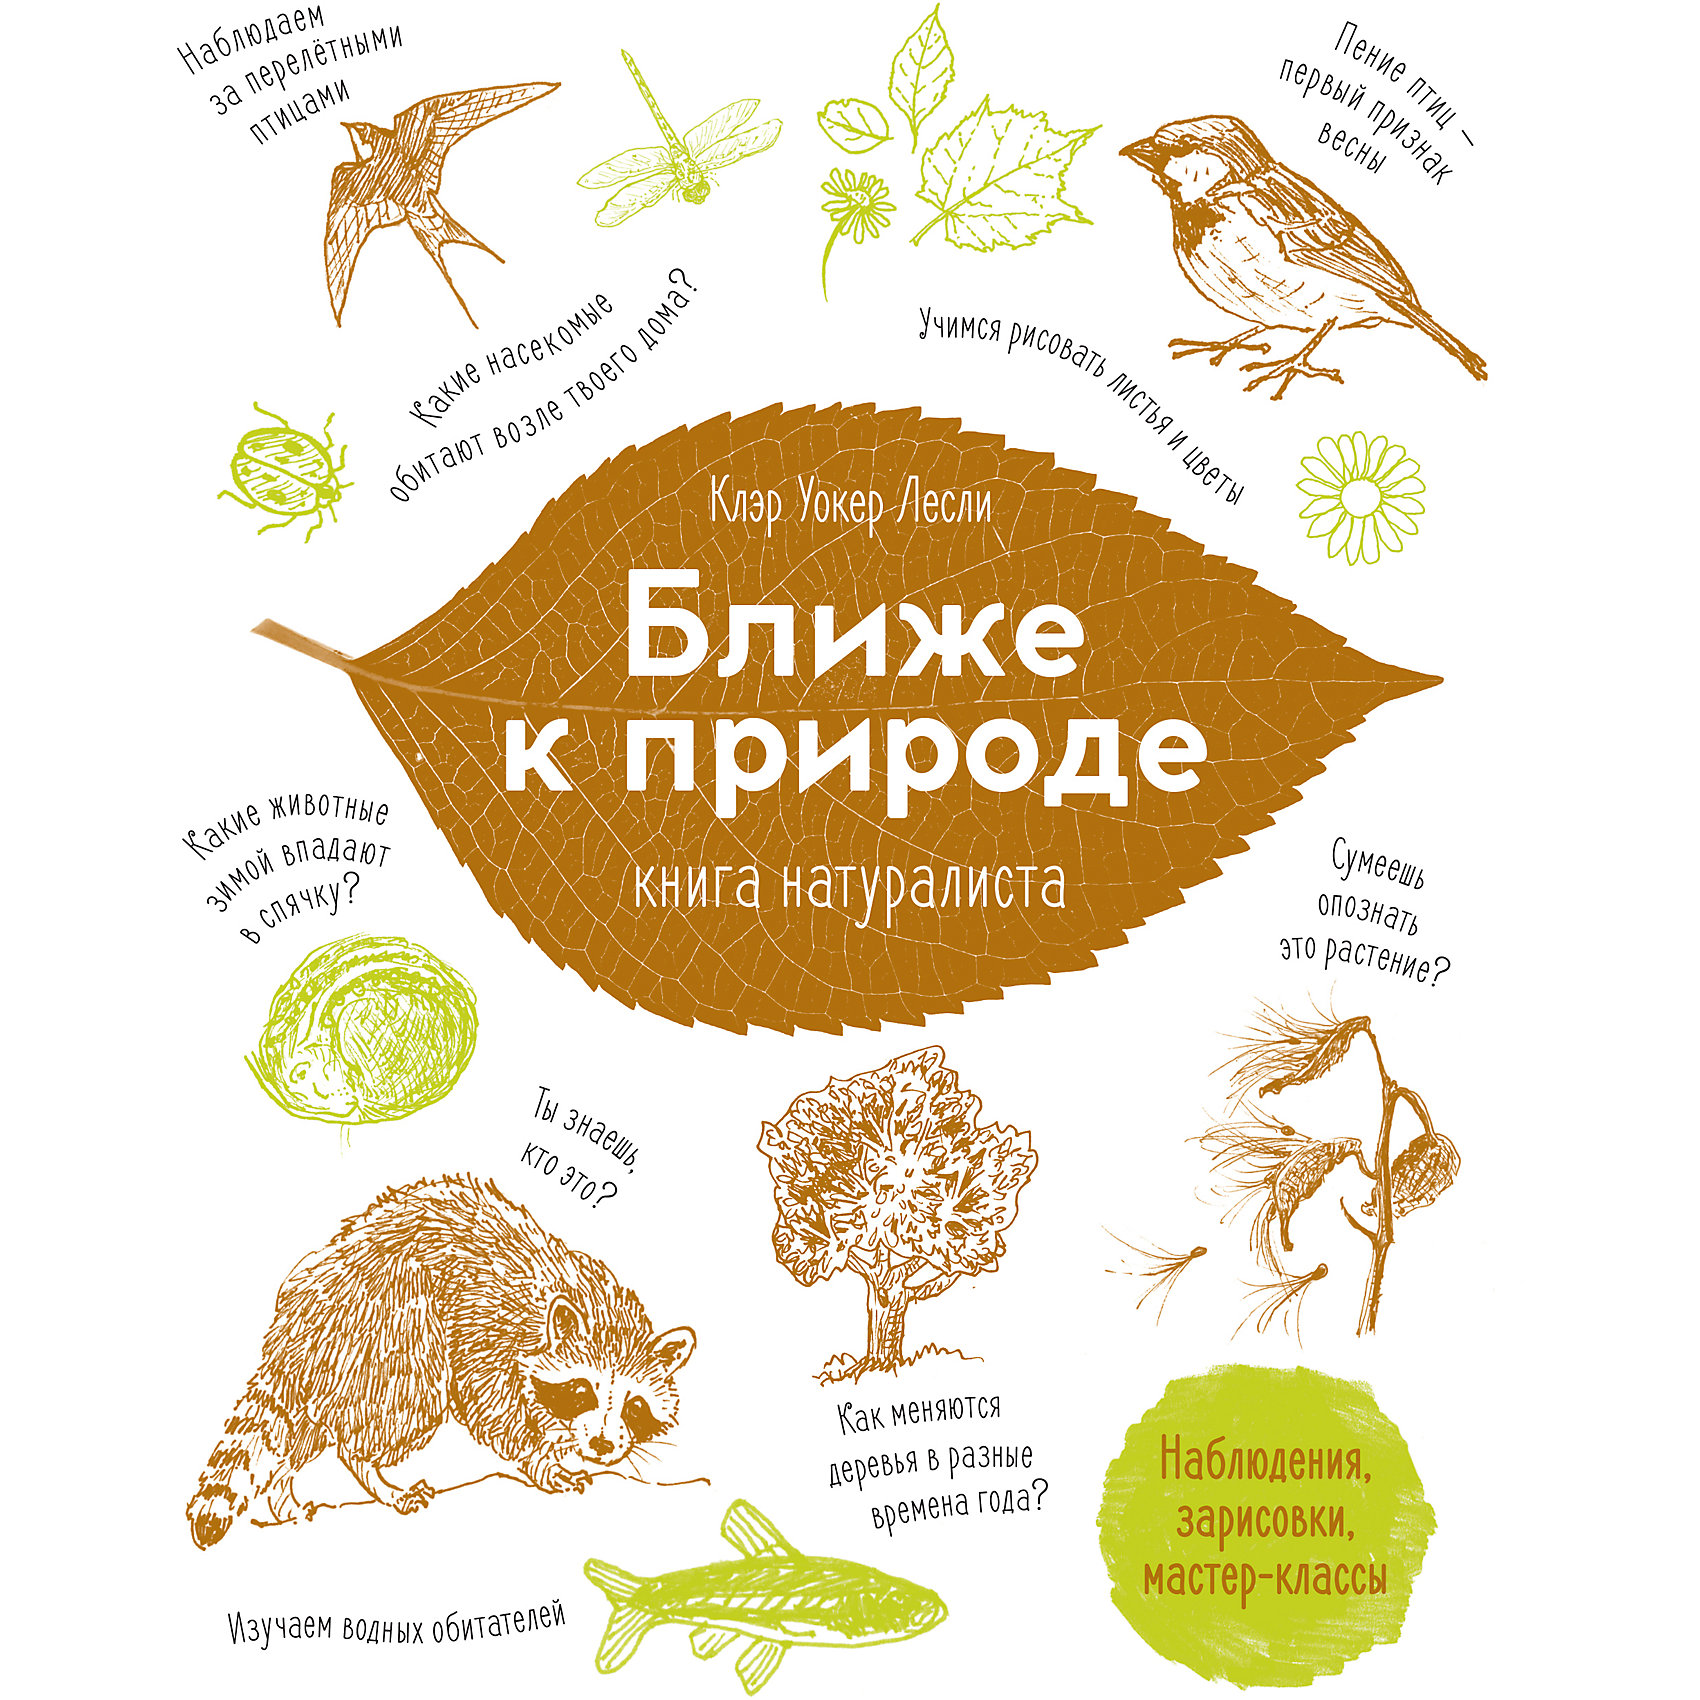 Ближе к природе. Книга натуралистаМанн, Иванов и Фербер<br>Эта книга, полная познавательных заметок о животных и растениях и интересных идей, чем можно заняться на свежем воздухе в любой месяц года, станет для детей путеводителем в увлекательный мир природы. Вместе в ней они научатся вести наблюдения за природой и раскрывать её тайны как настоящие учёные-натуралисты.<br><br>Дополнительная информация:<br><br>- год выпуска: 2015<br>- количество страниц:288<br>- формат: 22 *17* 3 см.<br>- переплет:  мягкий переплет (крепление скрепкой или клеем)<br>- вес: 548 гр.<br>- возраст: от  12 лет<br><br>Ближе к природе. Книгу натуралиста можно купить в нашем интернет - магазине.<br><br>Ширина мм: 215<br>Глубина мм: 167<br>Высота мм: 21<br>Вес г: 545<br>Возраст от месяцев: 84<br>Возраст до месяцев: 192<br>Пол: Унисекс<br>Возраст: Детский<br>SKU: 4753555